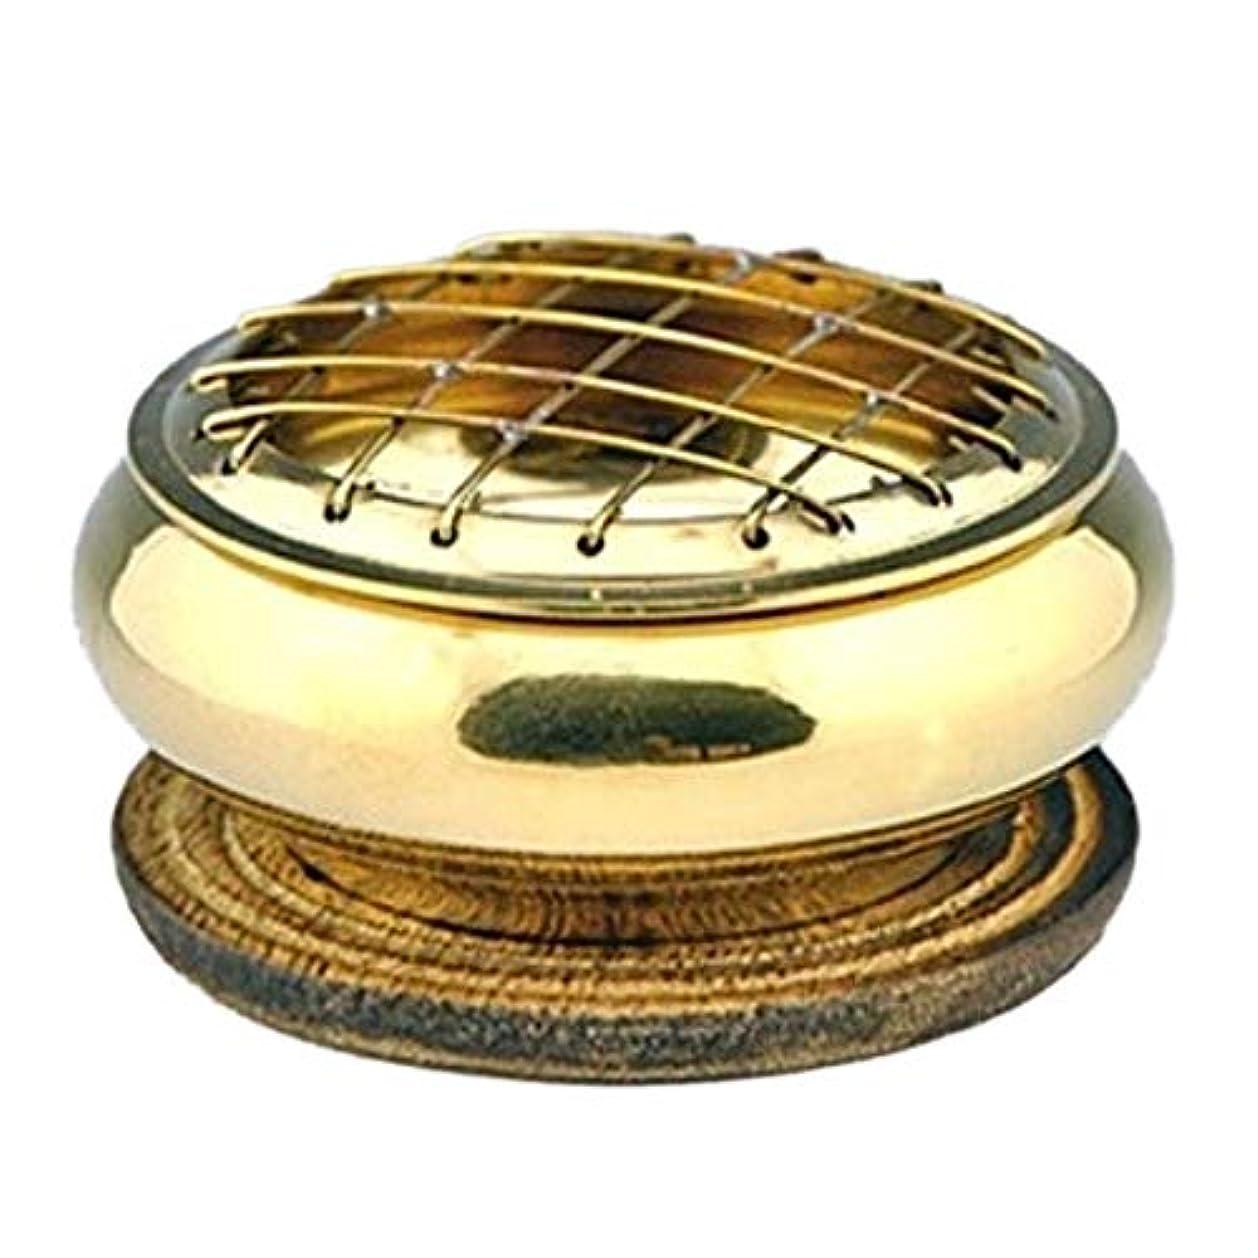 遊び場期限切れ脅威Sacred Tiger Incense Sampler Kit with Charcoal and Burner Shipped in a Beautiful Gift/Storage Box